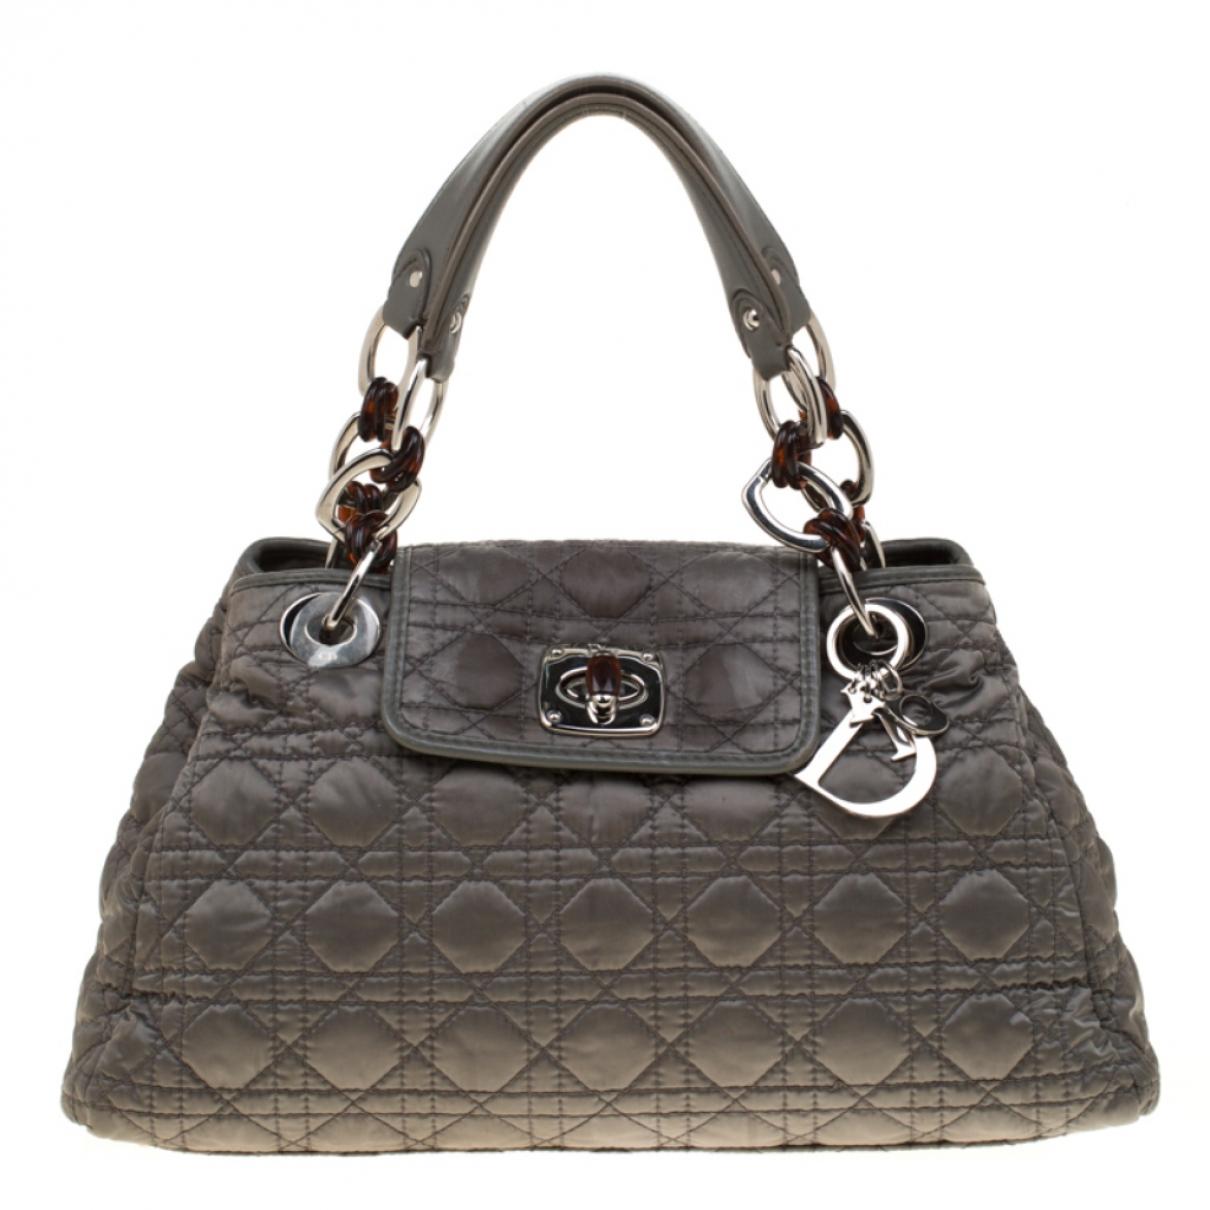 Dior - Sac a main Charming pour femme en cuir - gris